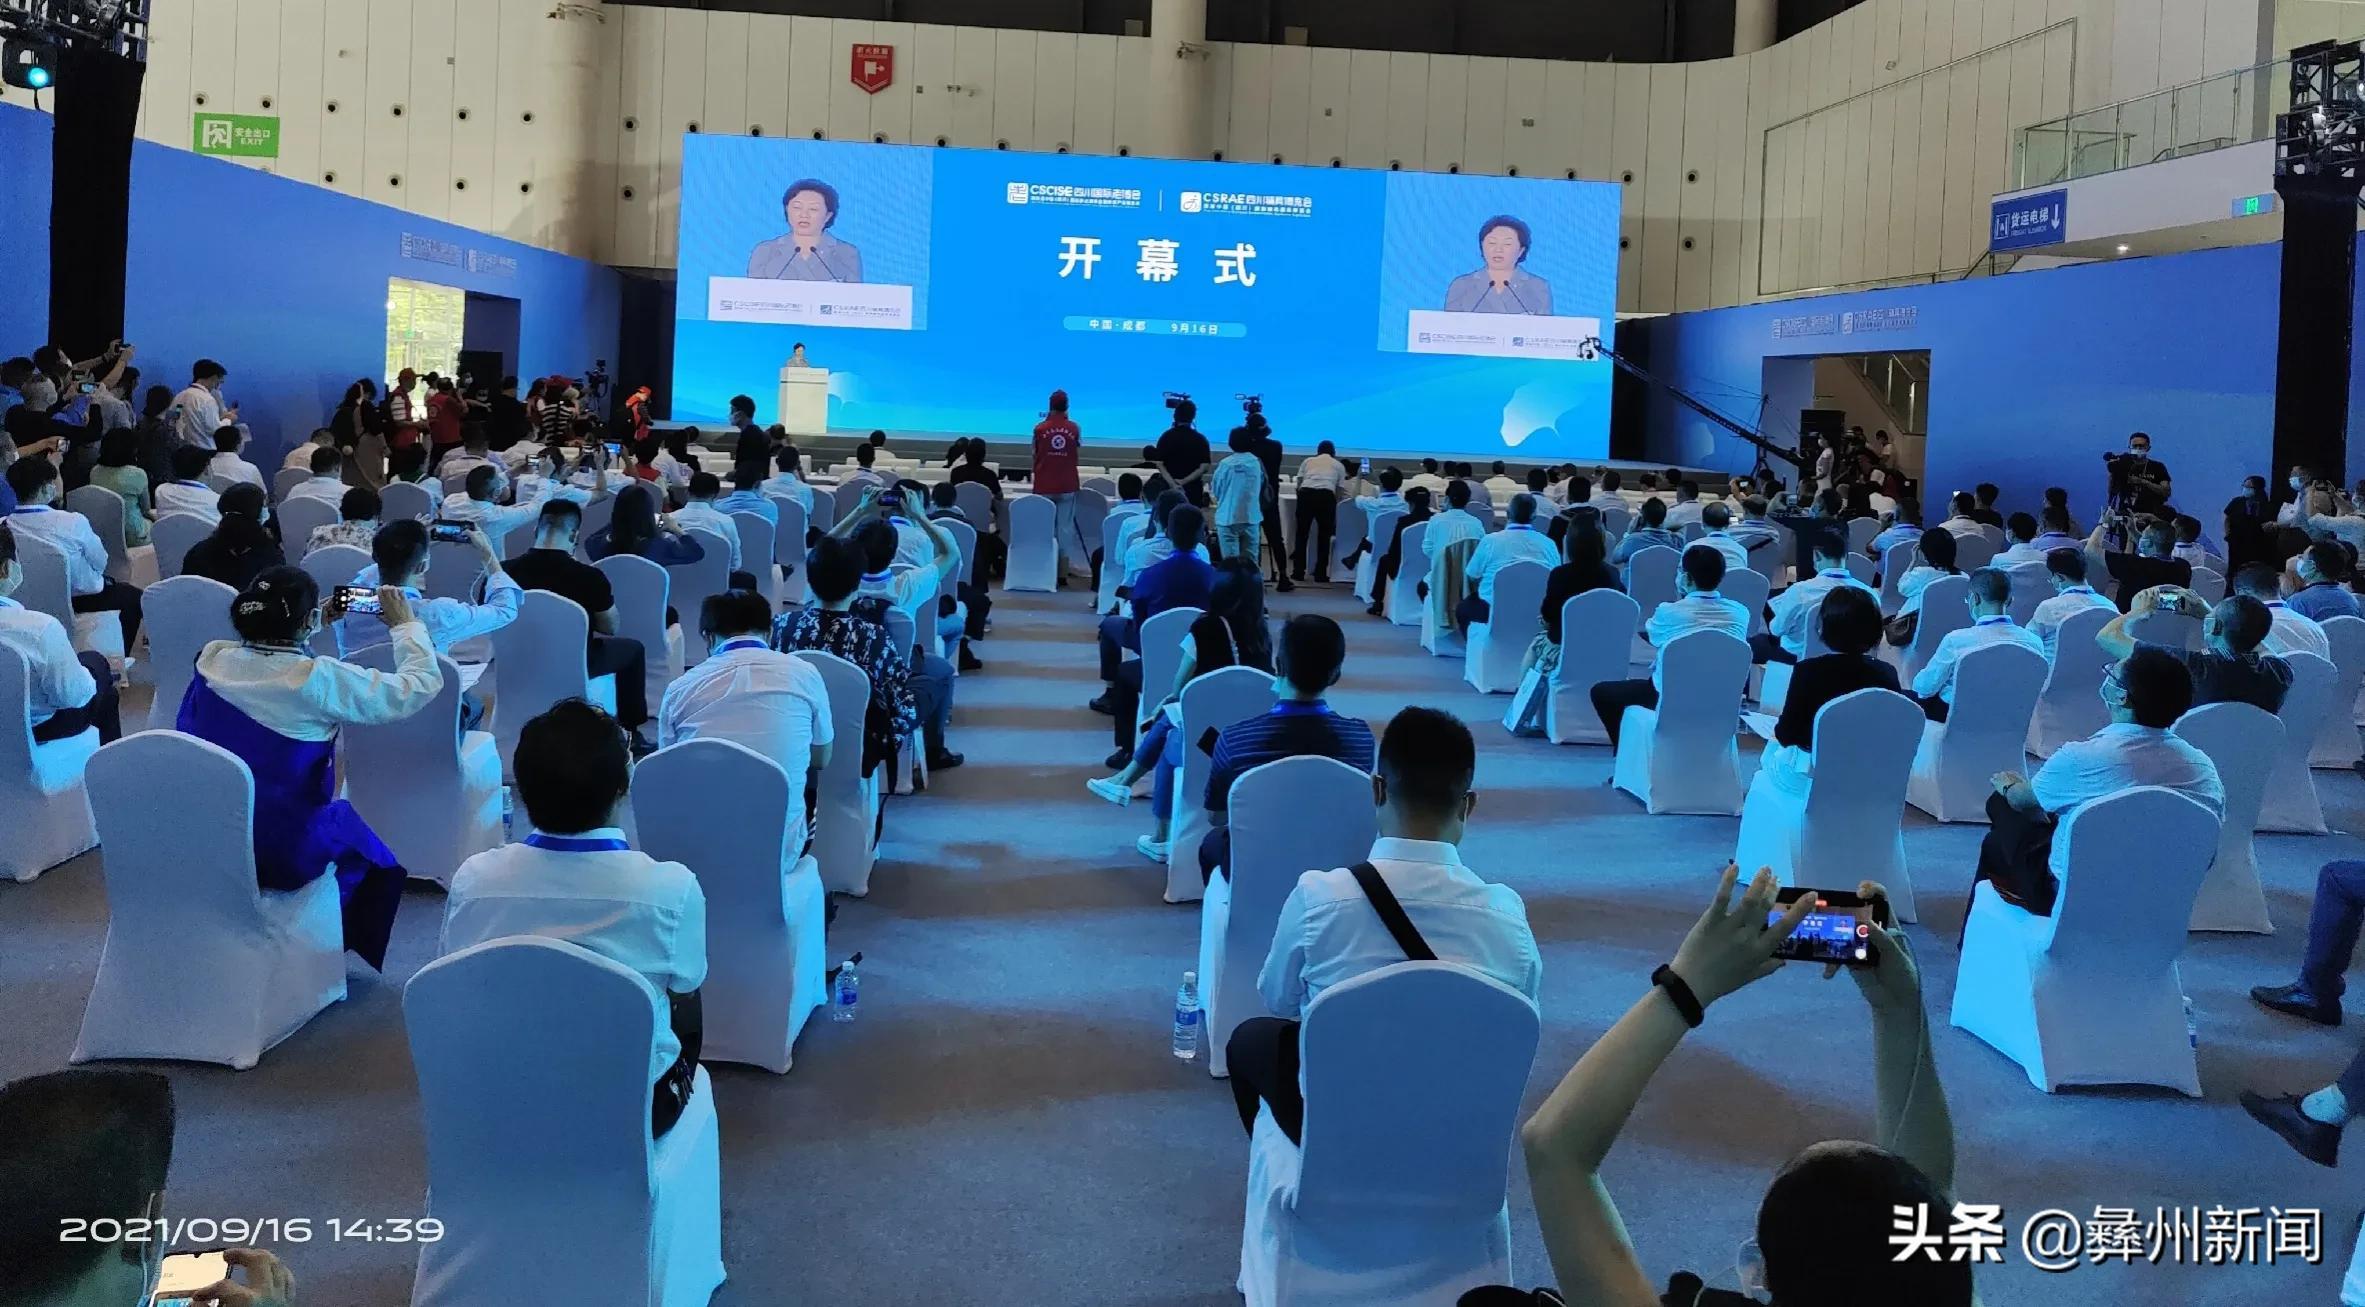 邛海康旅与好医生药业集团携手共创康旅产业美好未来